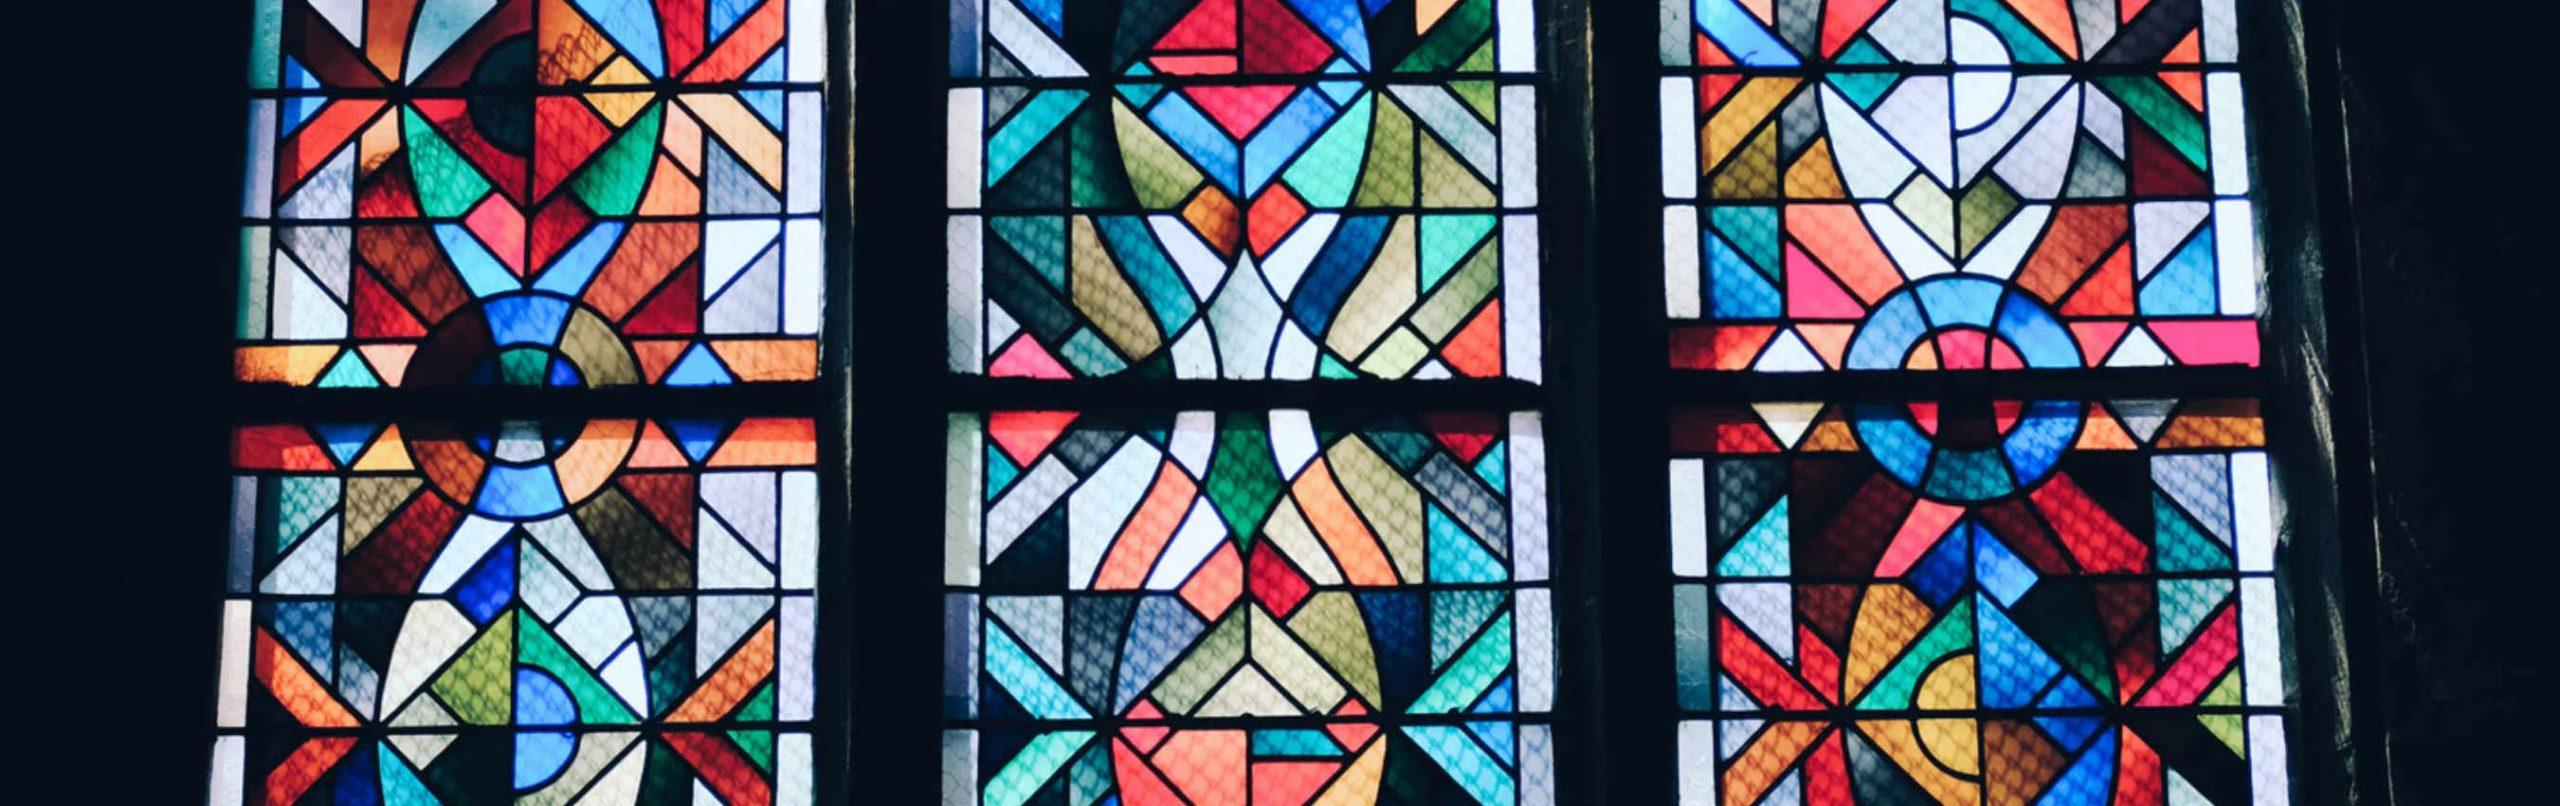 Full Size of Religion Fenster Rolladen Kunststoff Jalousien Innen Rahmenlose Sichtschutz Insektenschutz Einbruchsicherung Nachträglich Einbauen Einbruchschutzfolie Fenster Fenster Trier